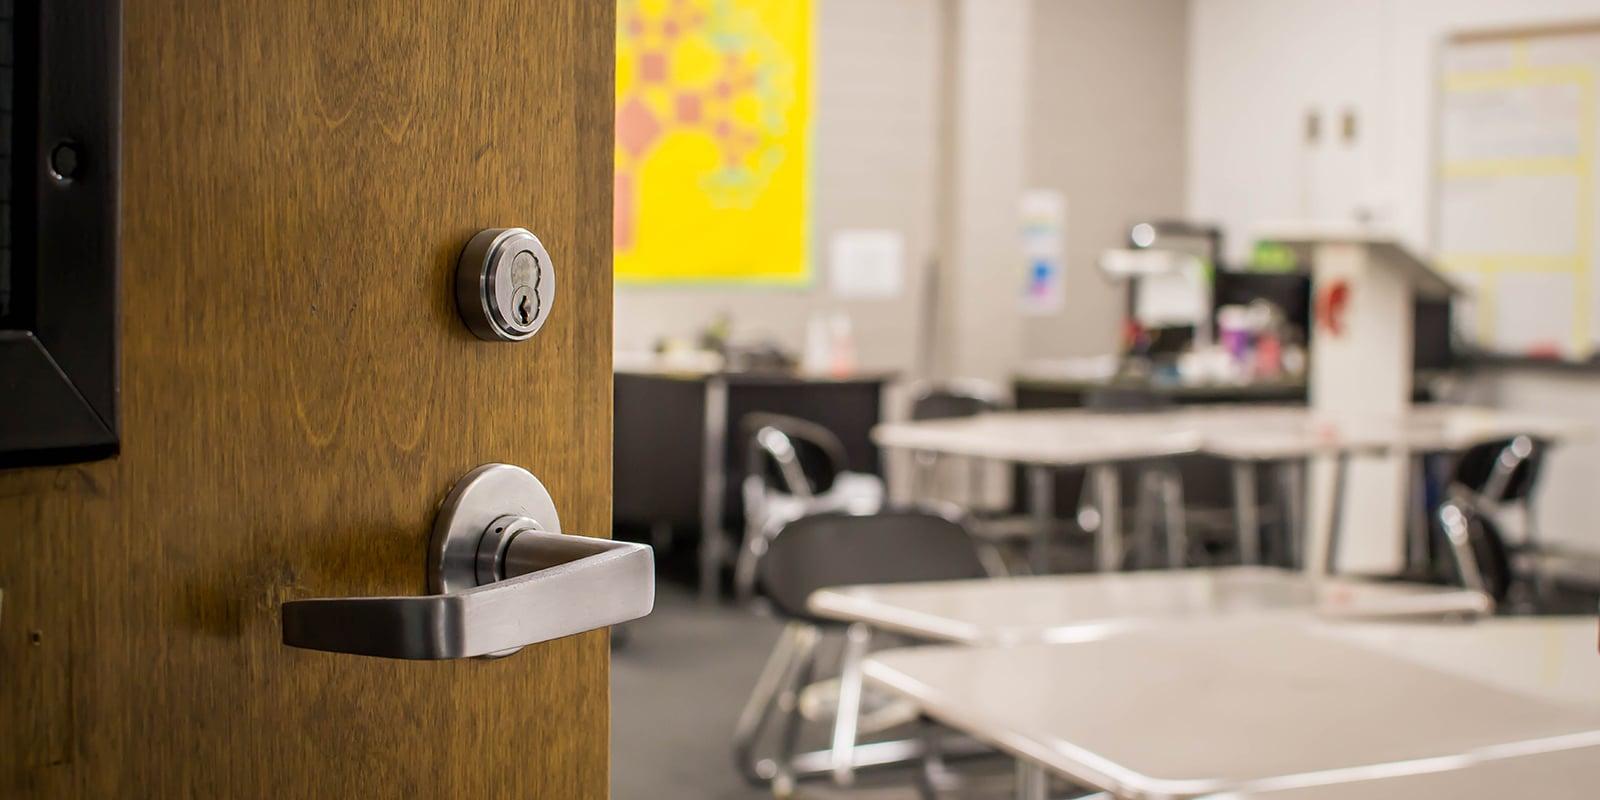 door opening into a classroom